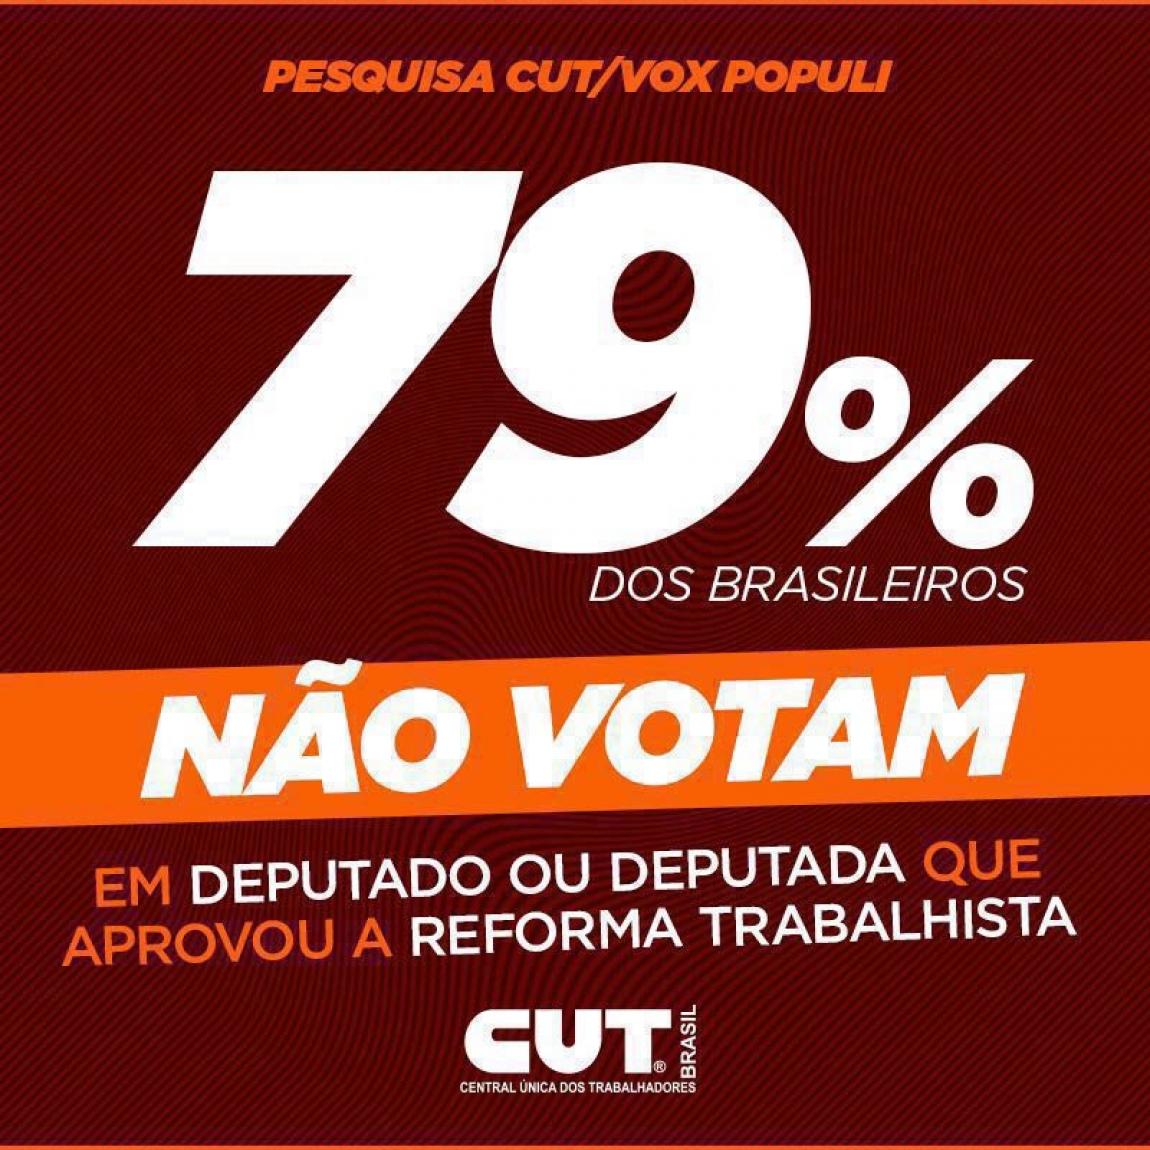 Imagem de Político que aprovou Reforma Trabalhista não será reeleito, aponta pesquisa CUT/Vox